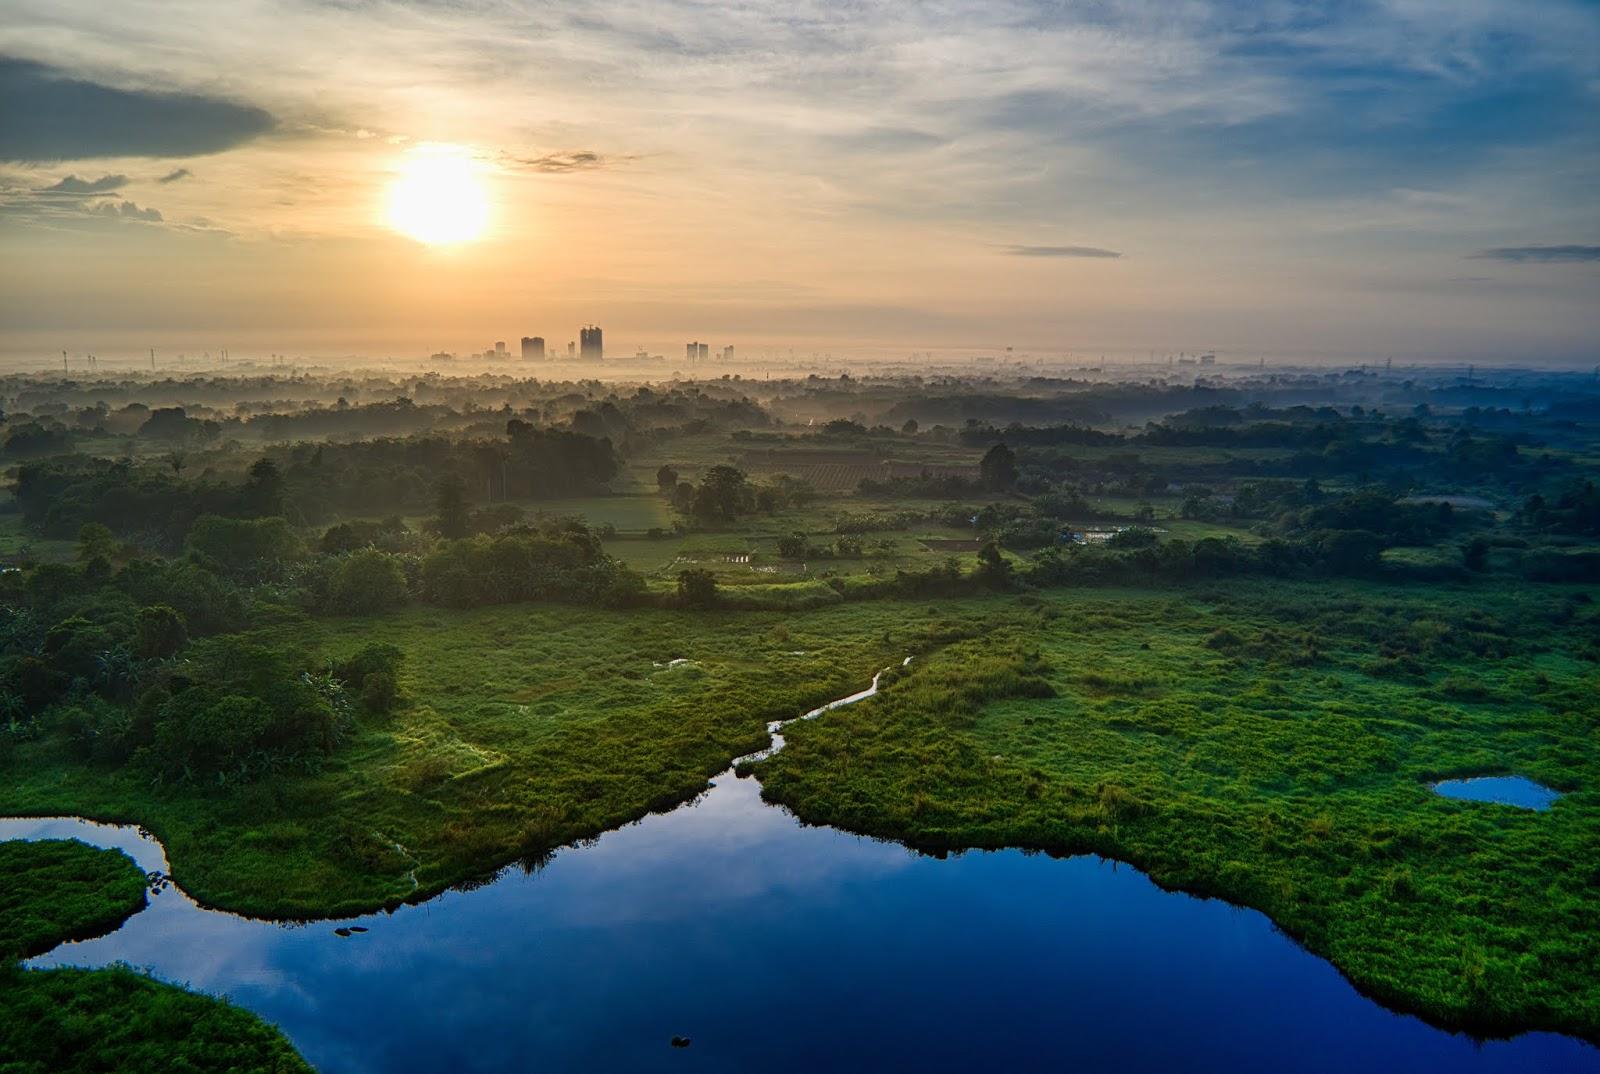 Desa wisata indonesia